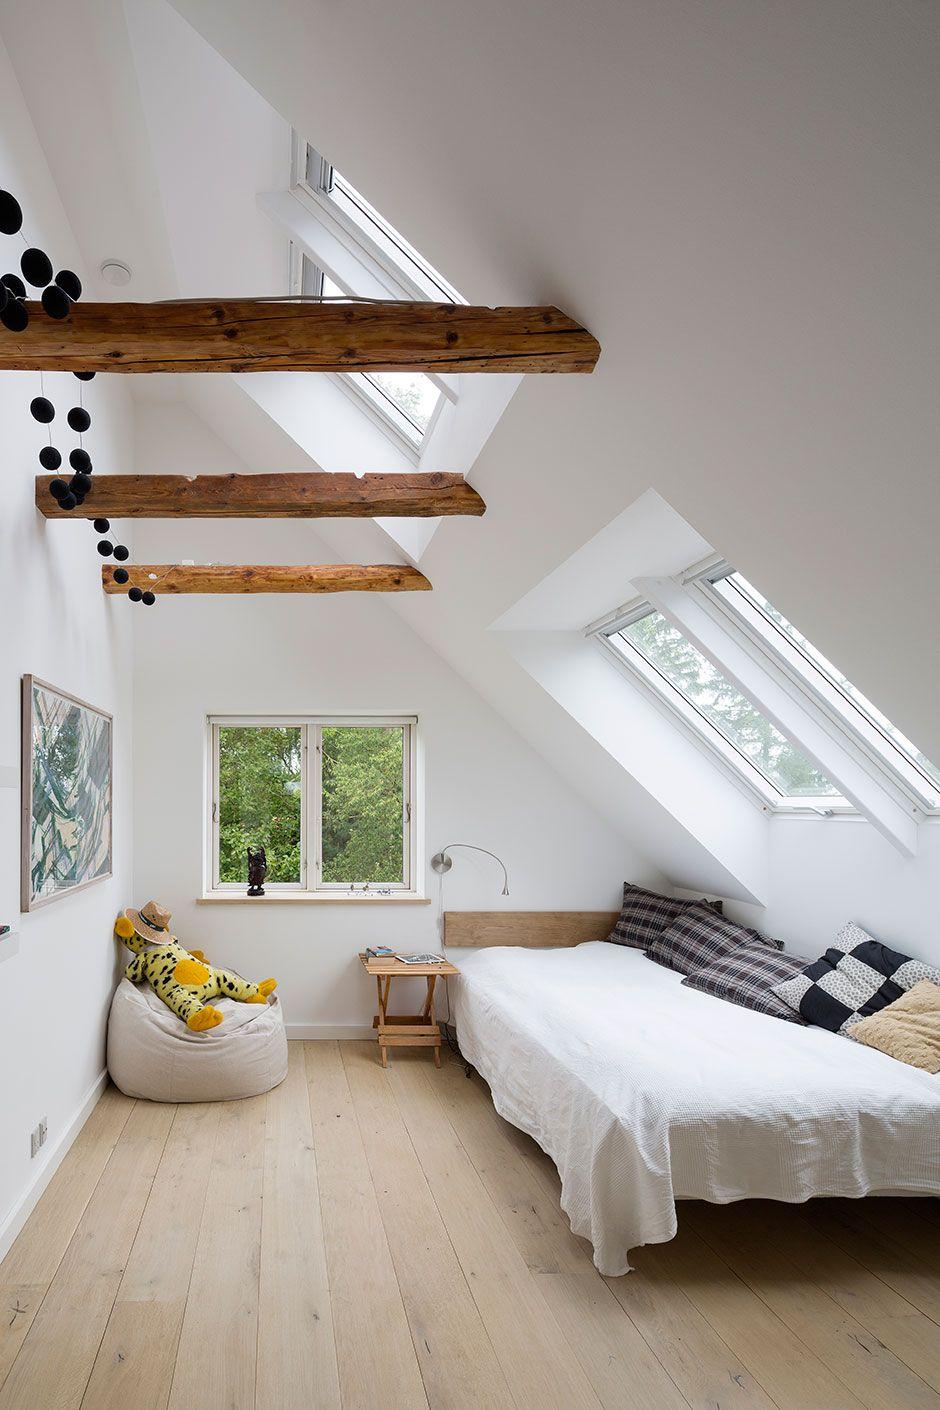 Pin by danielle greisen on 144 [attic bedroom]   Pinterest ...